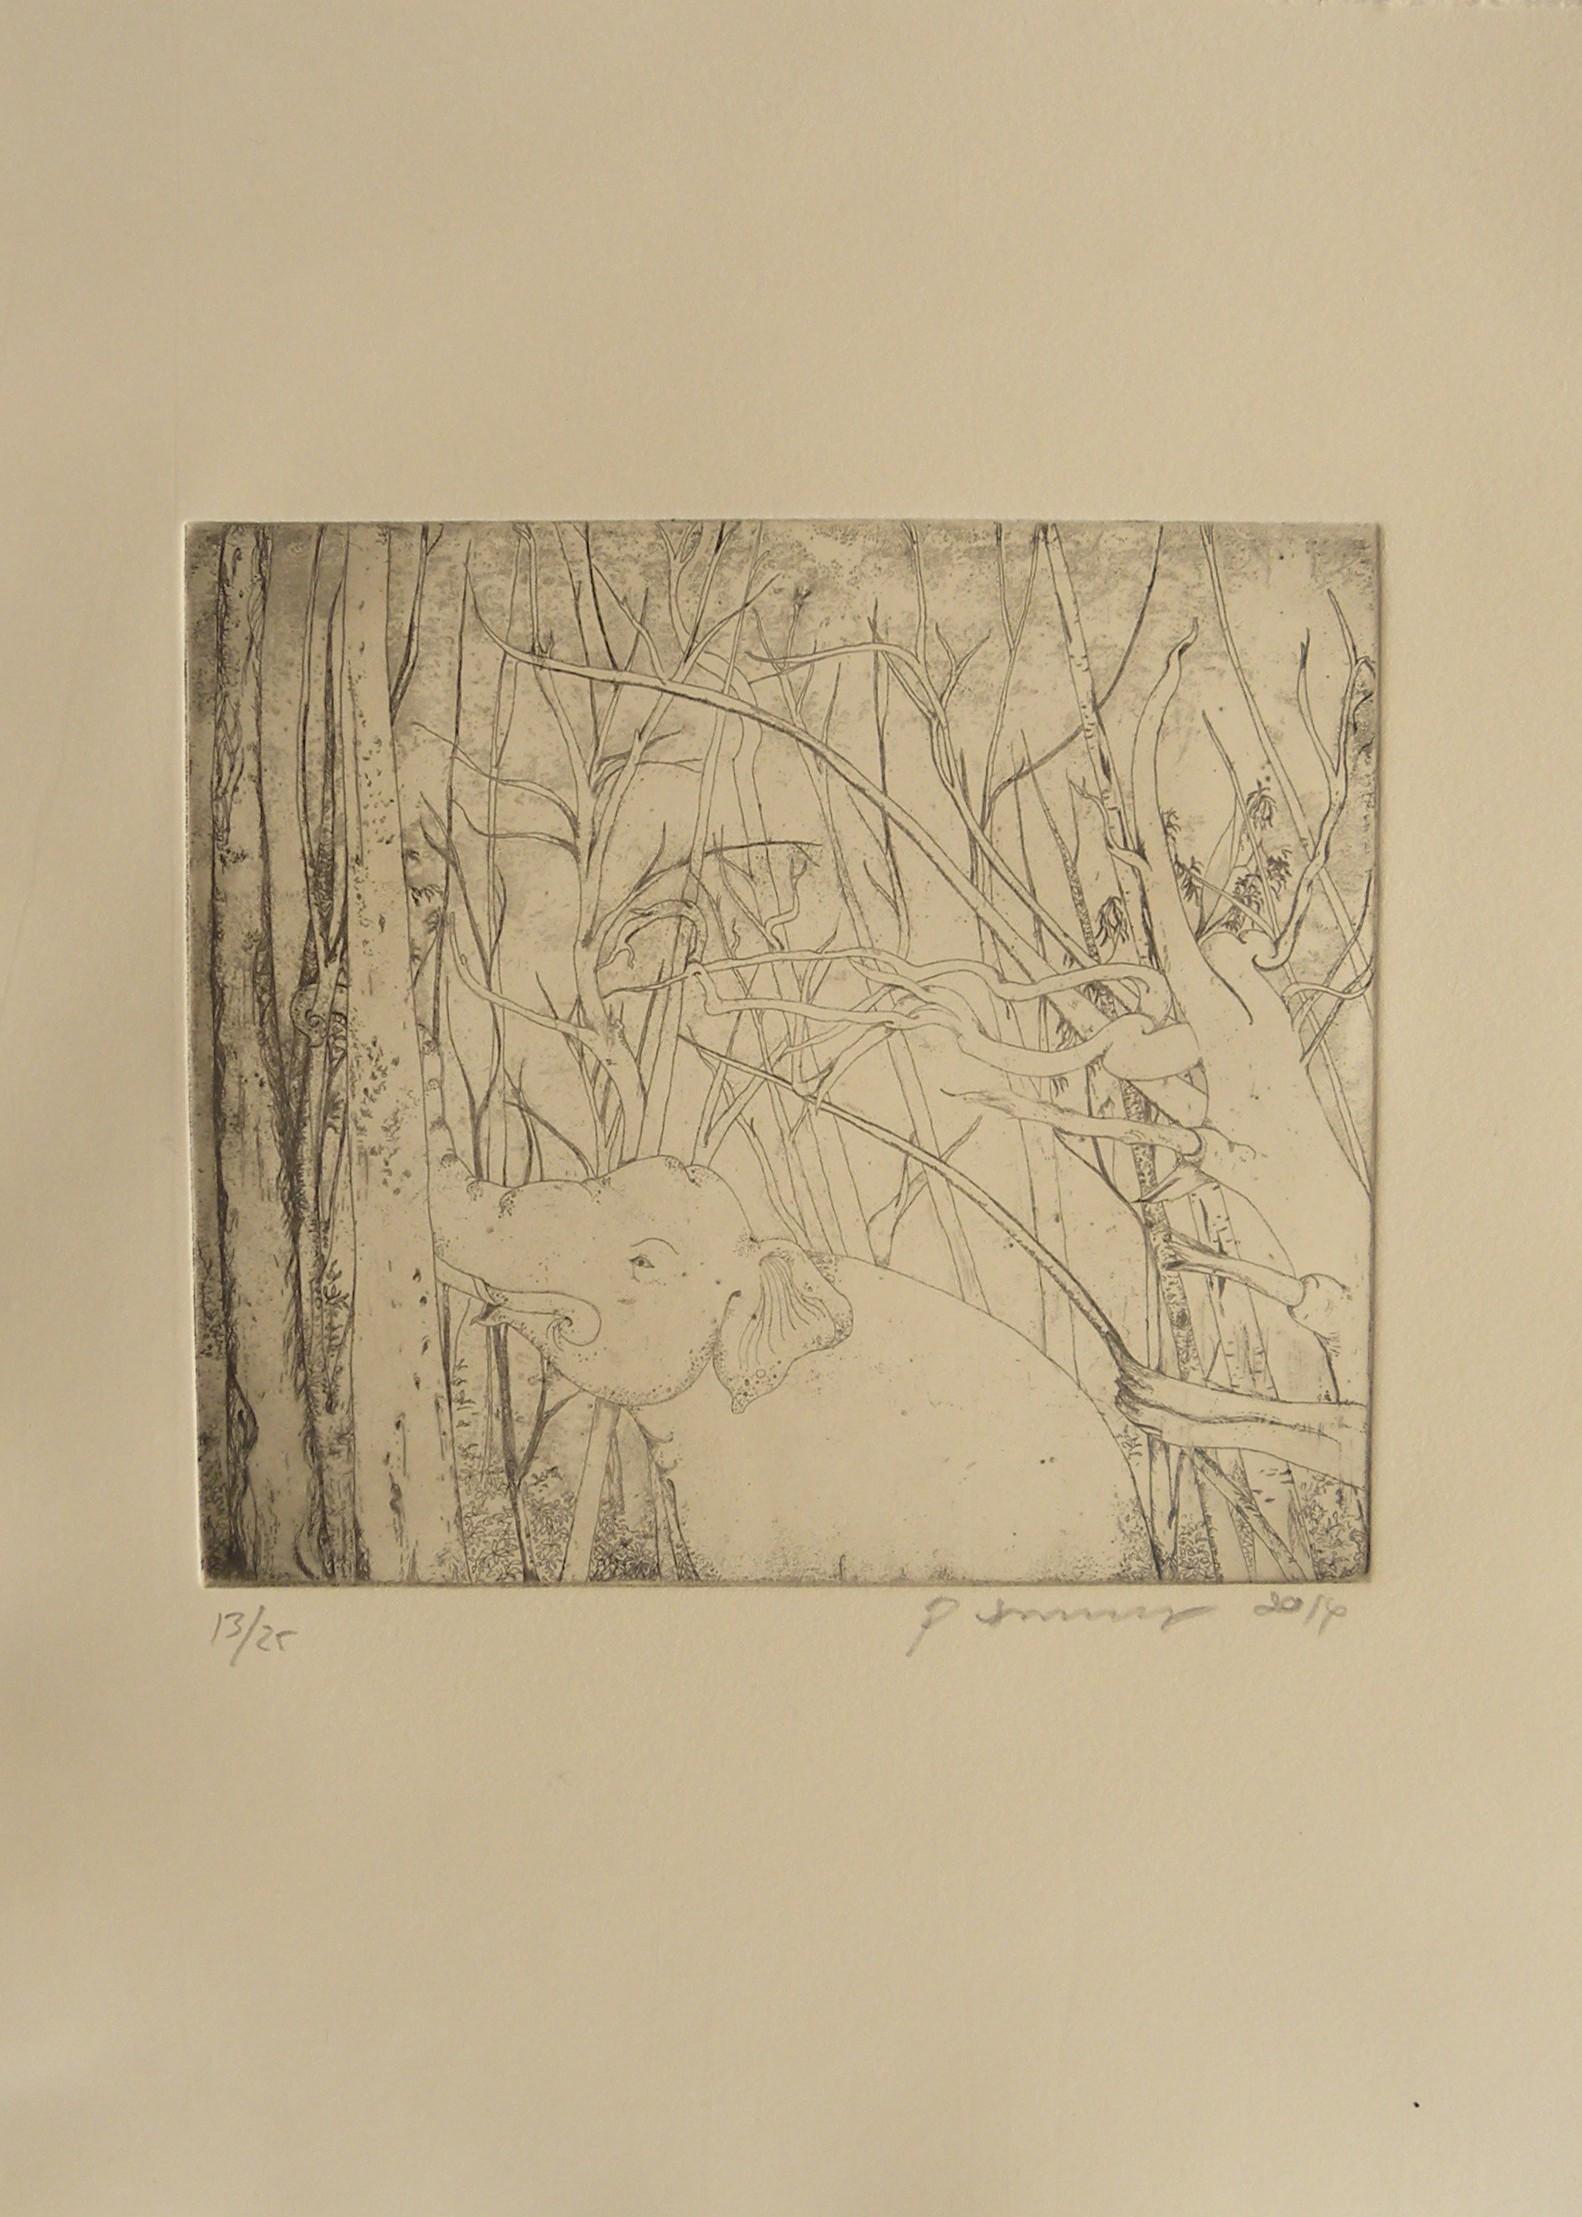 Art Atrium - Phaptawan Suwannakudt-Elephant and the Bush #1, etching Sepia on Fabiano edition 13:25 (unframe) 2014